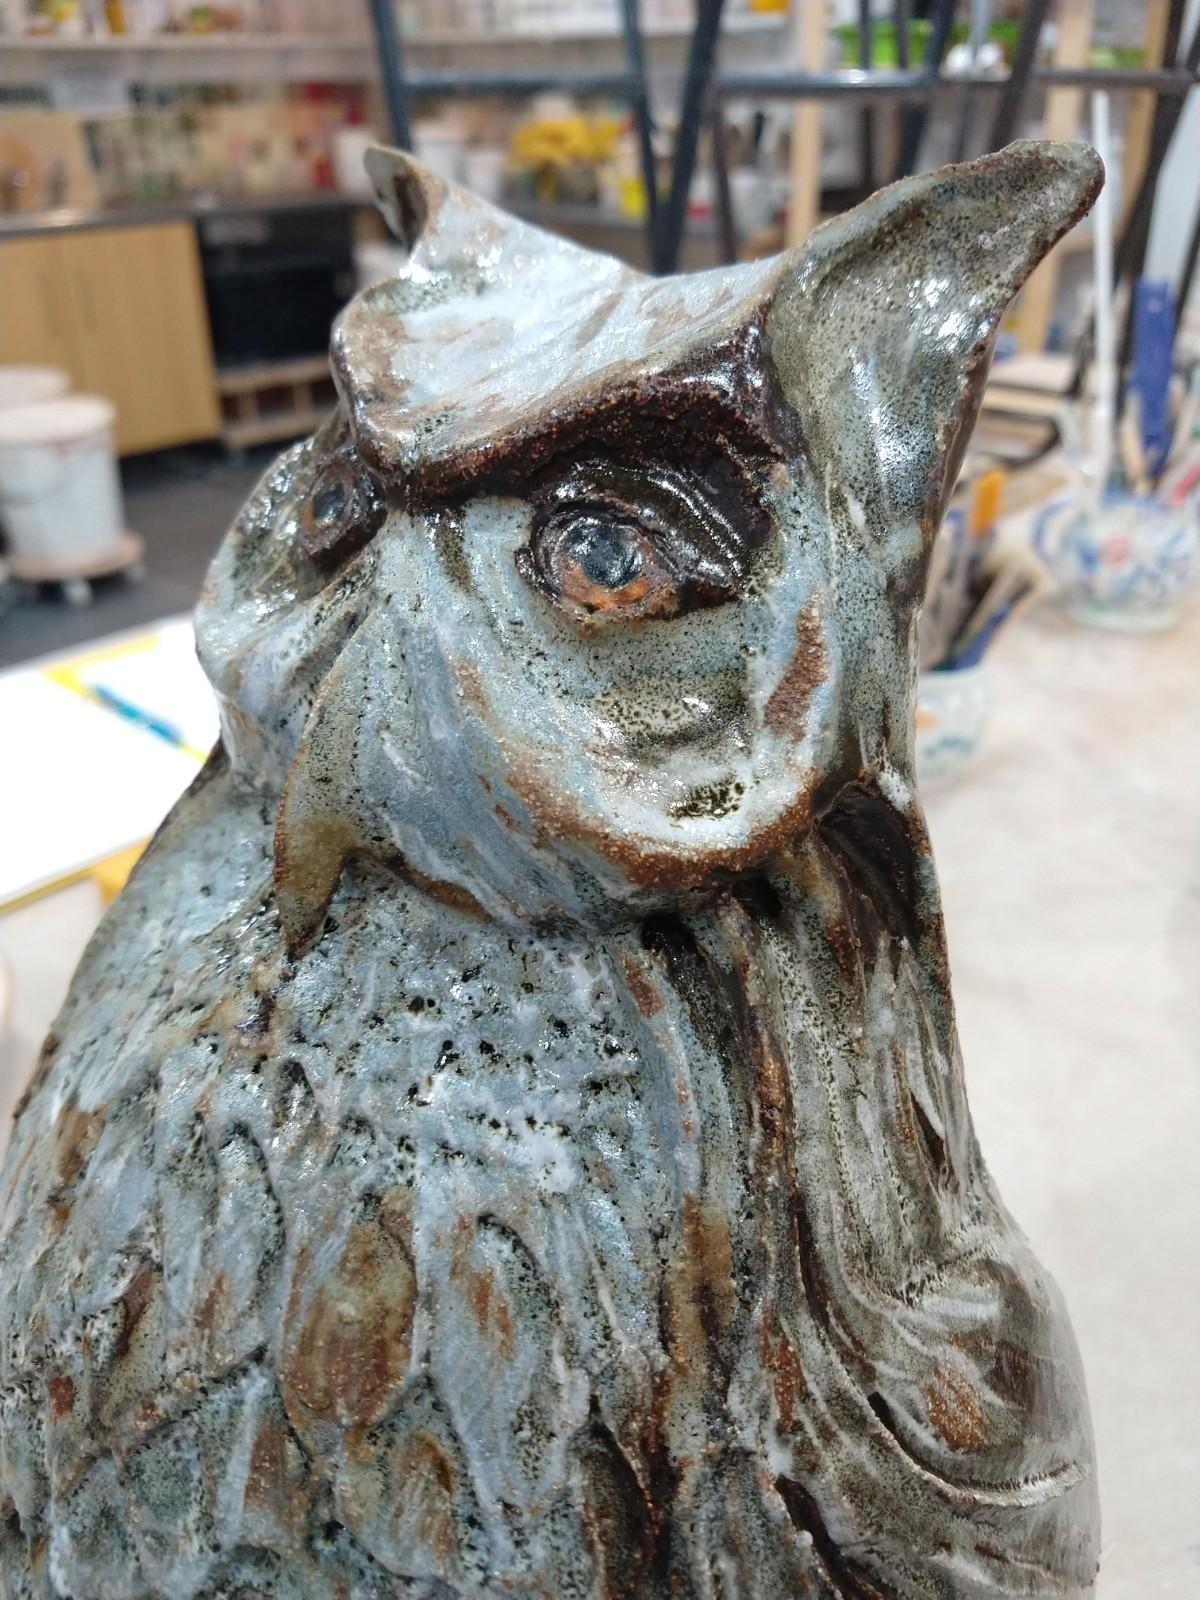 Close up of glazed owl